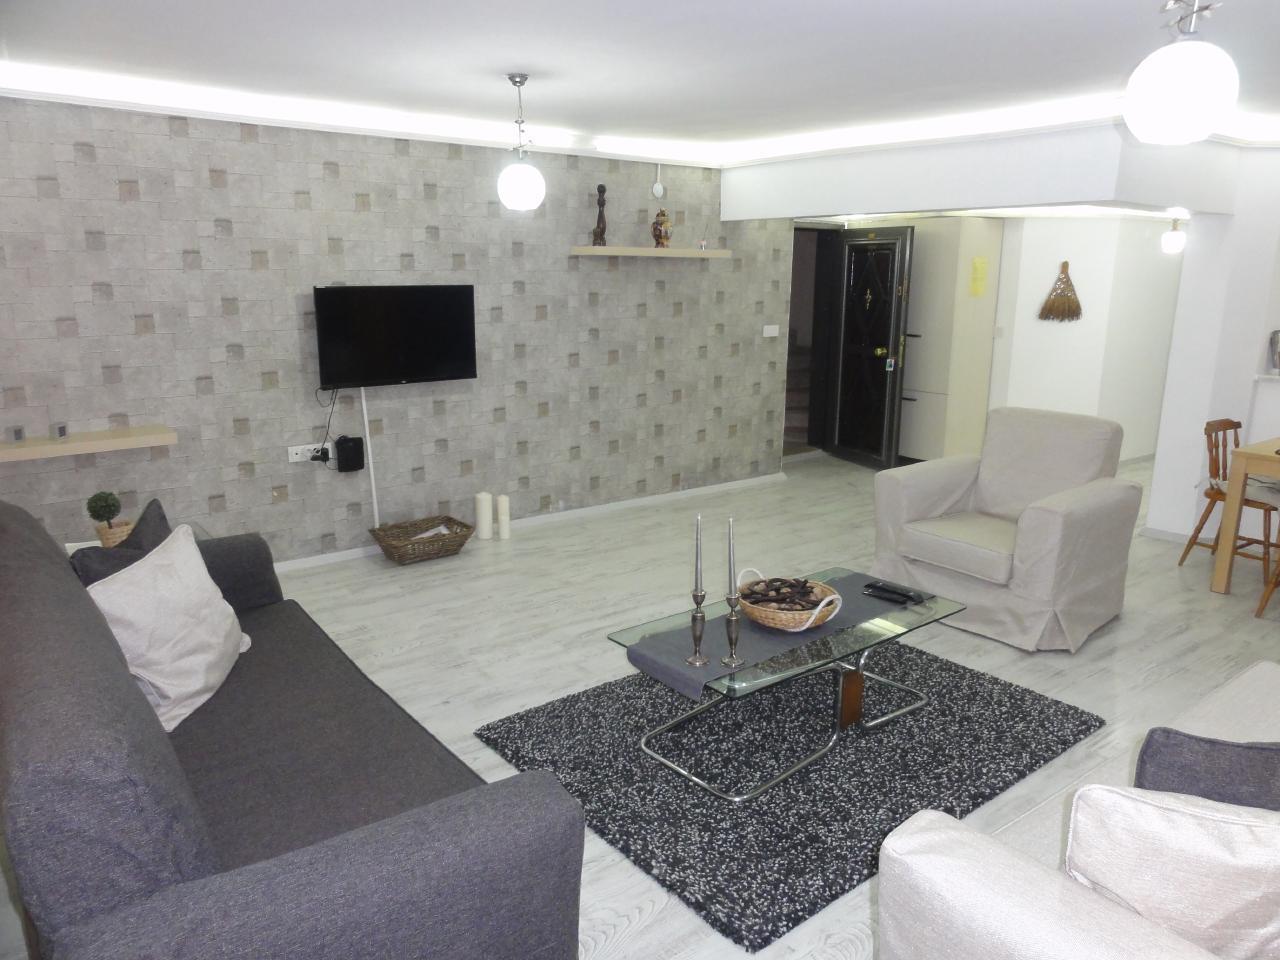 Ferienwohnung Evodak Apartment D 2 (1710501), Balgat, , Zentralanatolien, Türkei, Bild 12